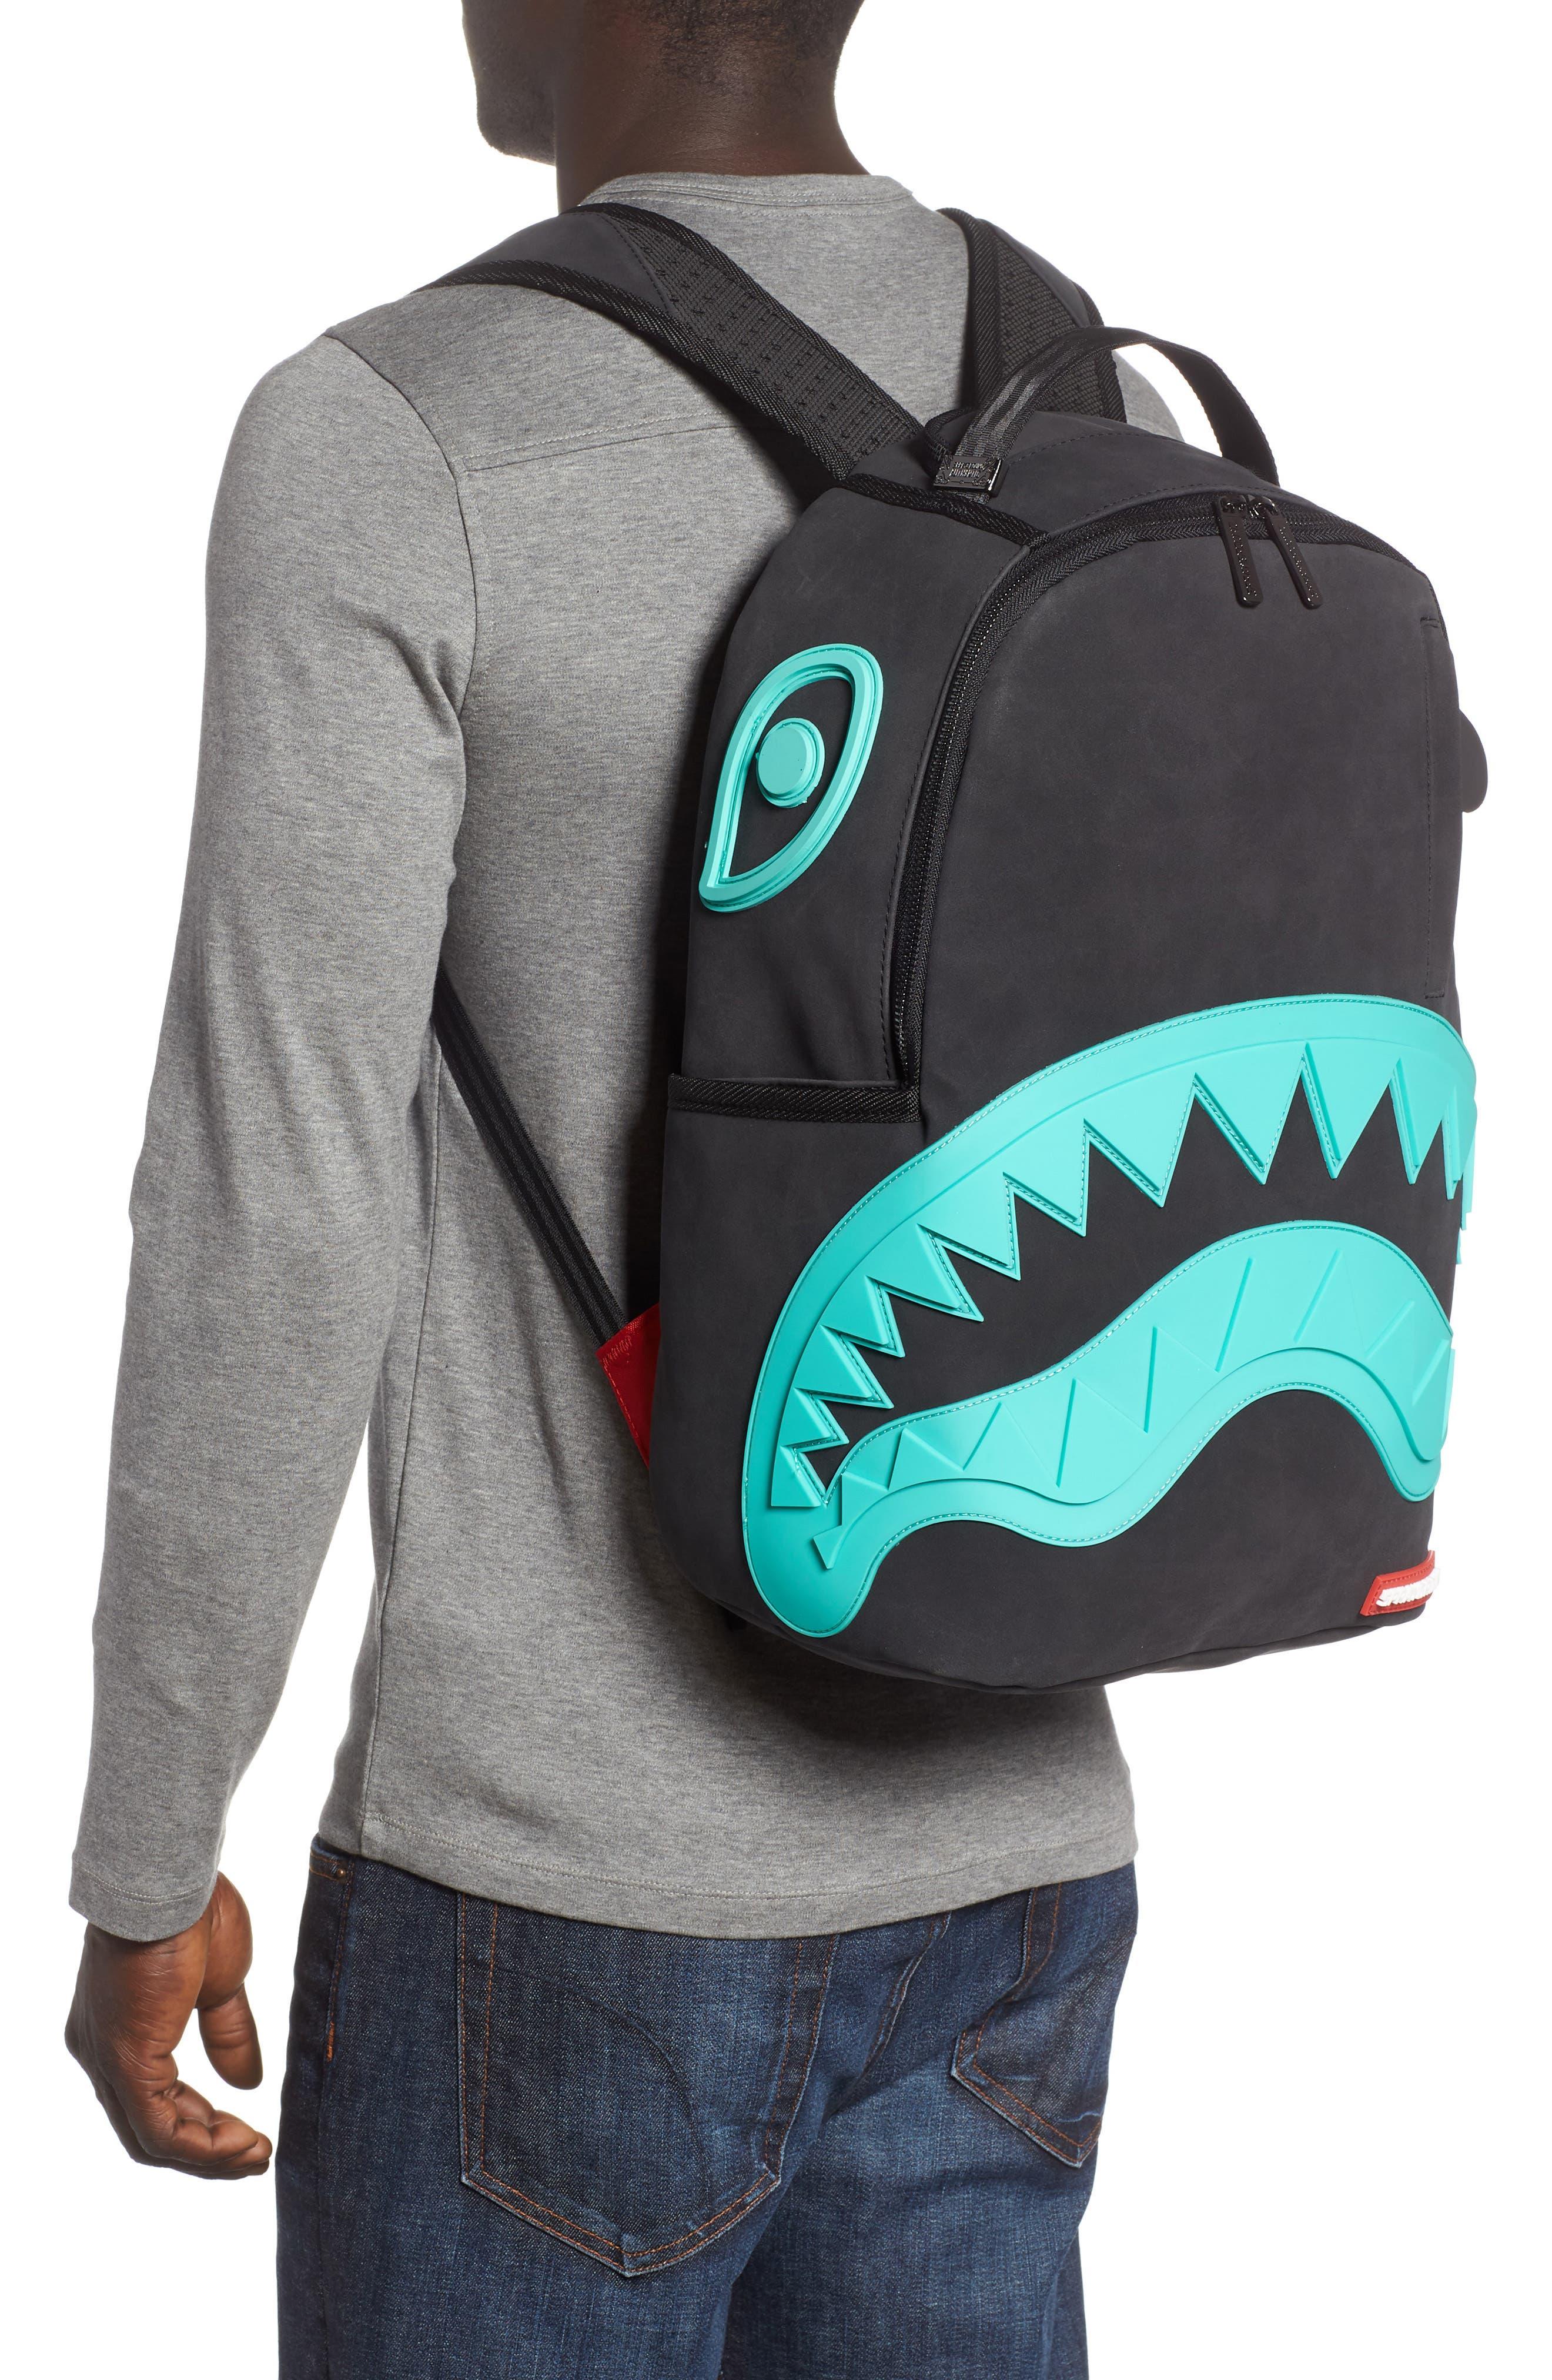 Tiff Shark Backpack,                             Alternate thumbnail 2, color,